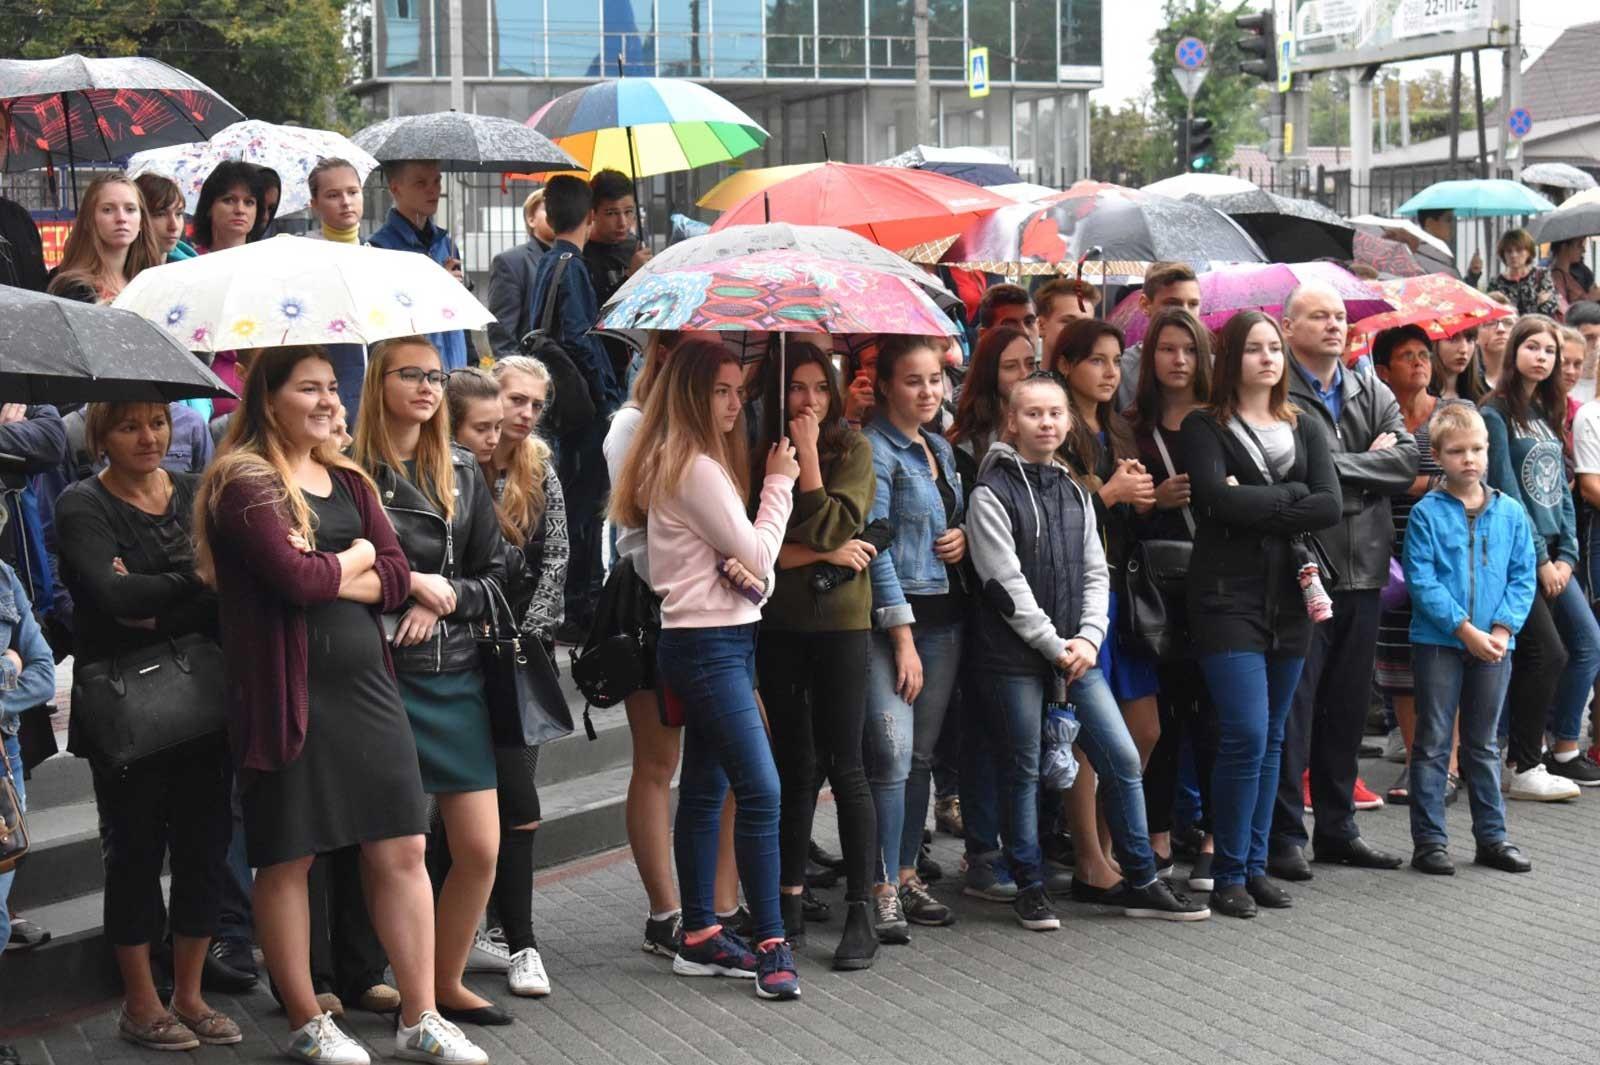 Видовищні показові виступи продемонстрували школярам у день відкритих дверей